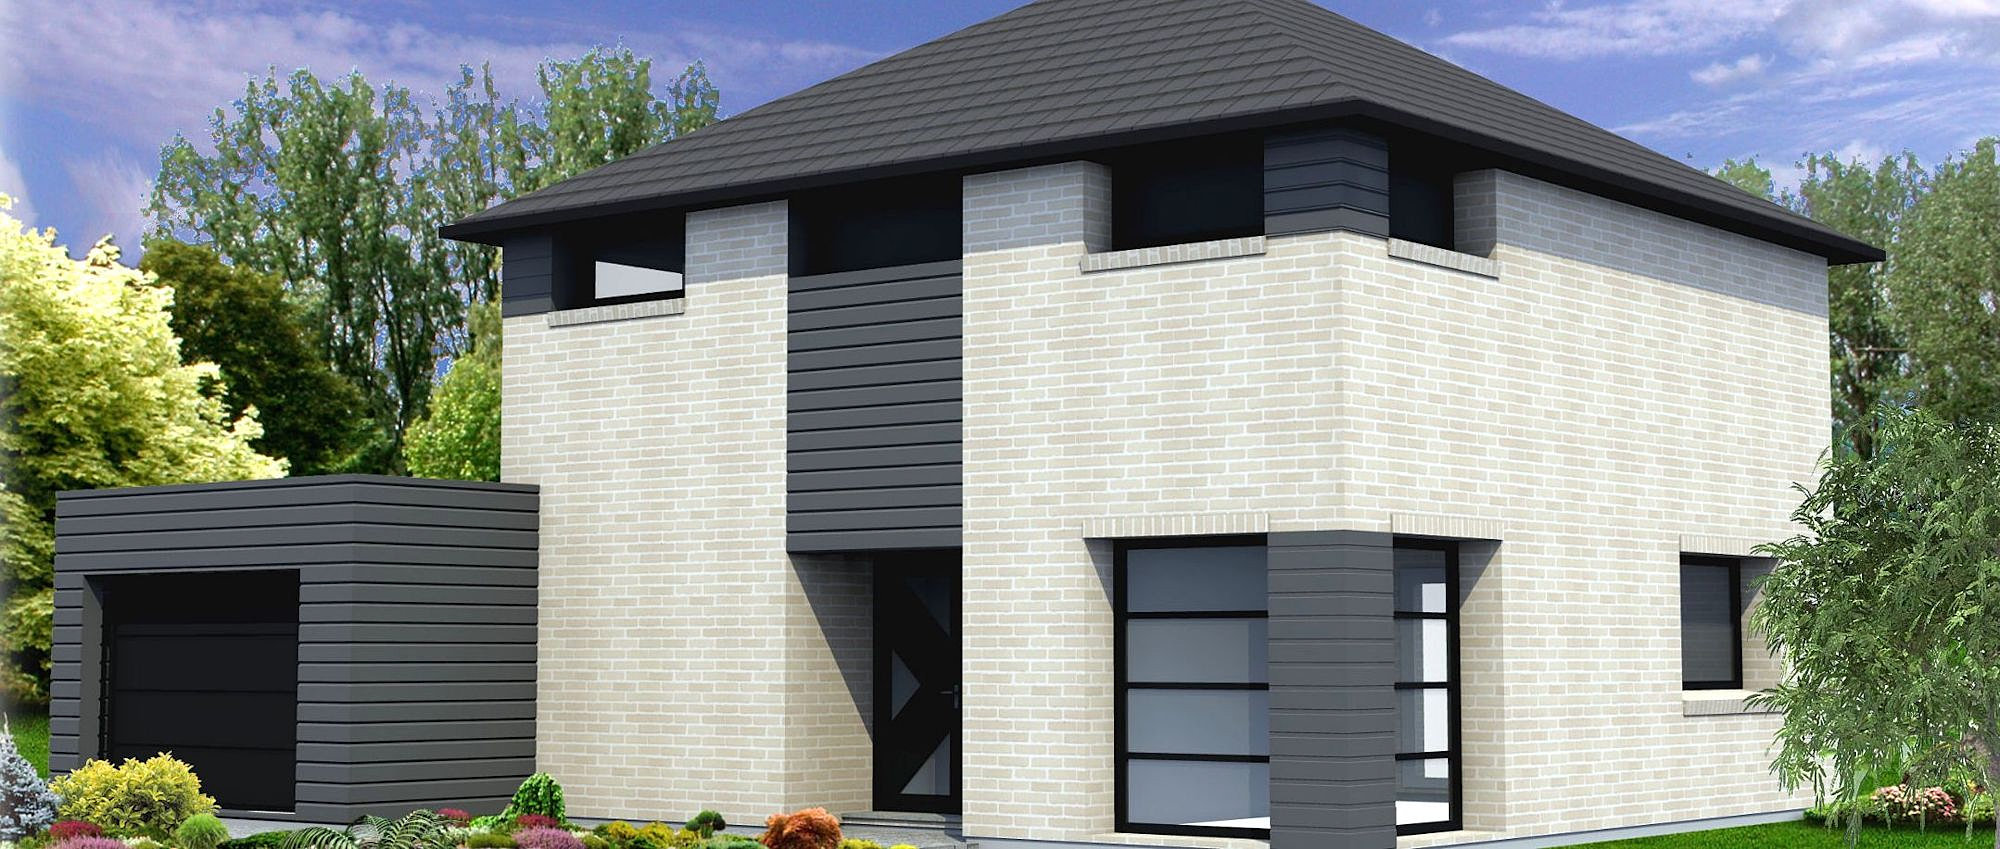 Maison brique grise voir tous les produits with maison - Maison contemporaine grise ...